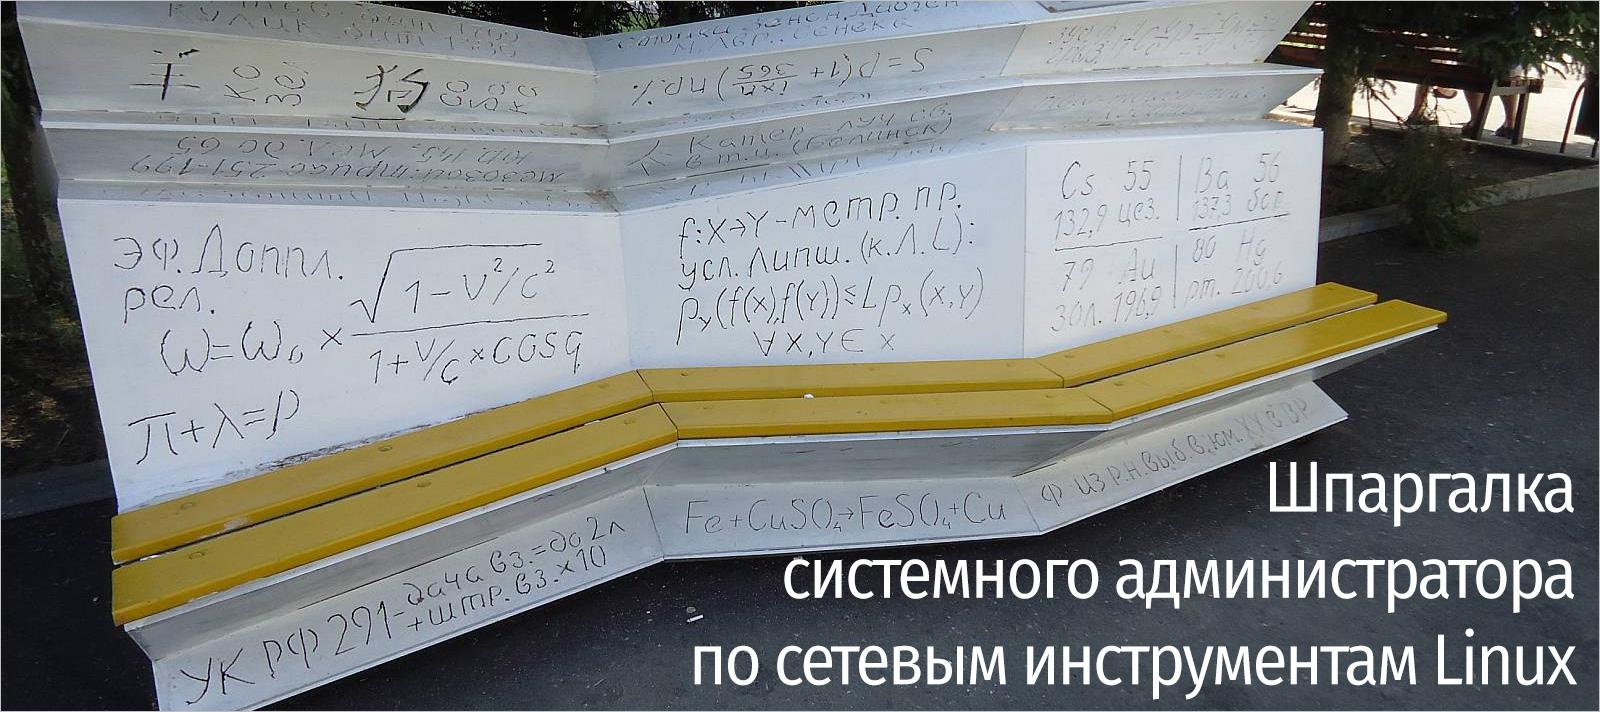 [Перевод] [в закладки] Шпаргалка системного администратора по сетевым инструментам Linux